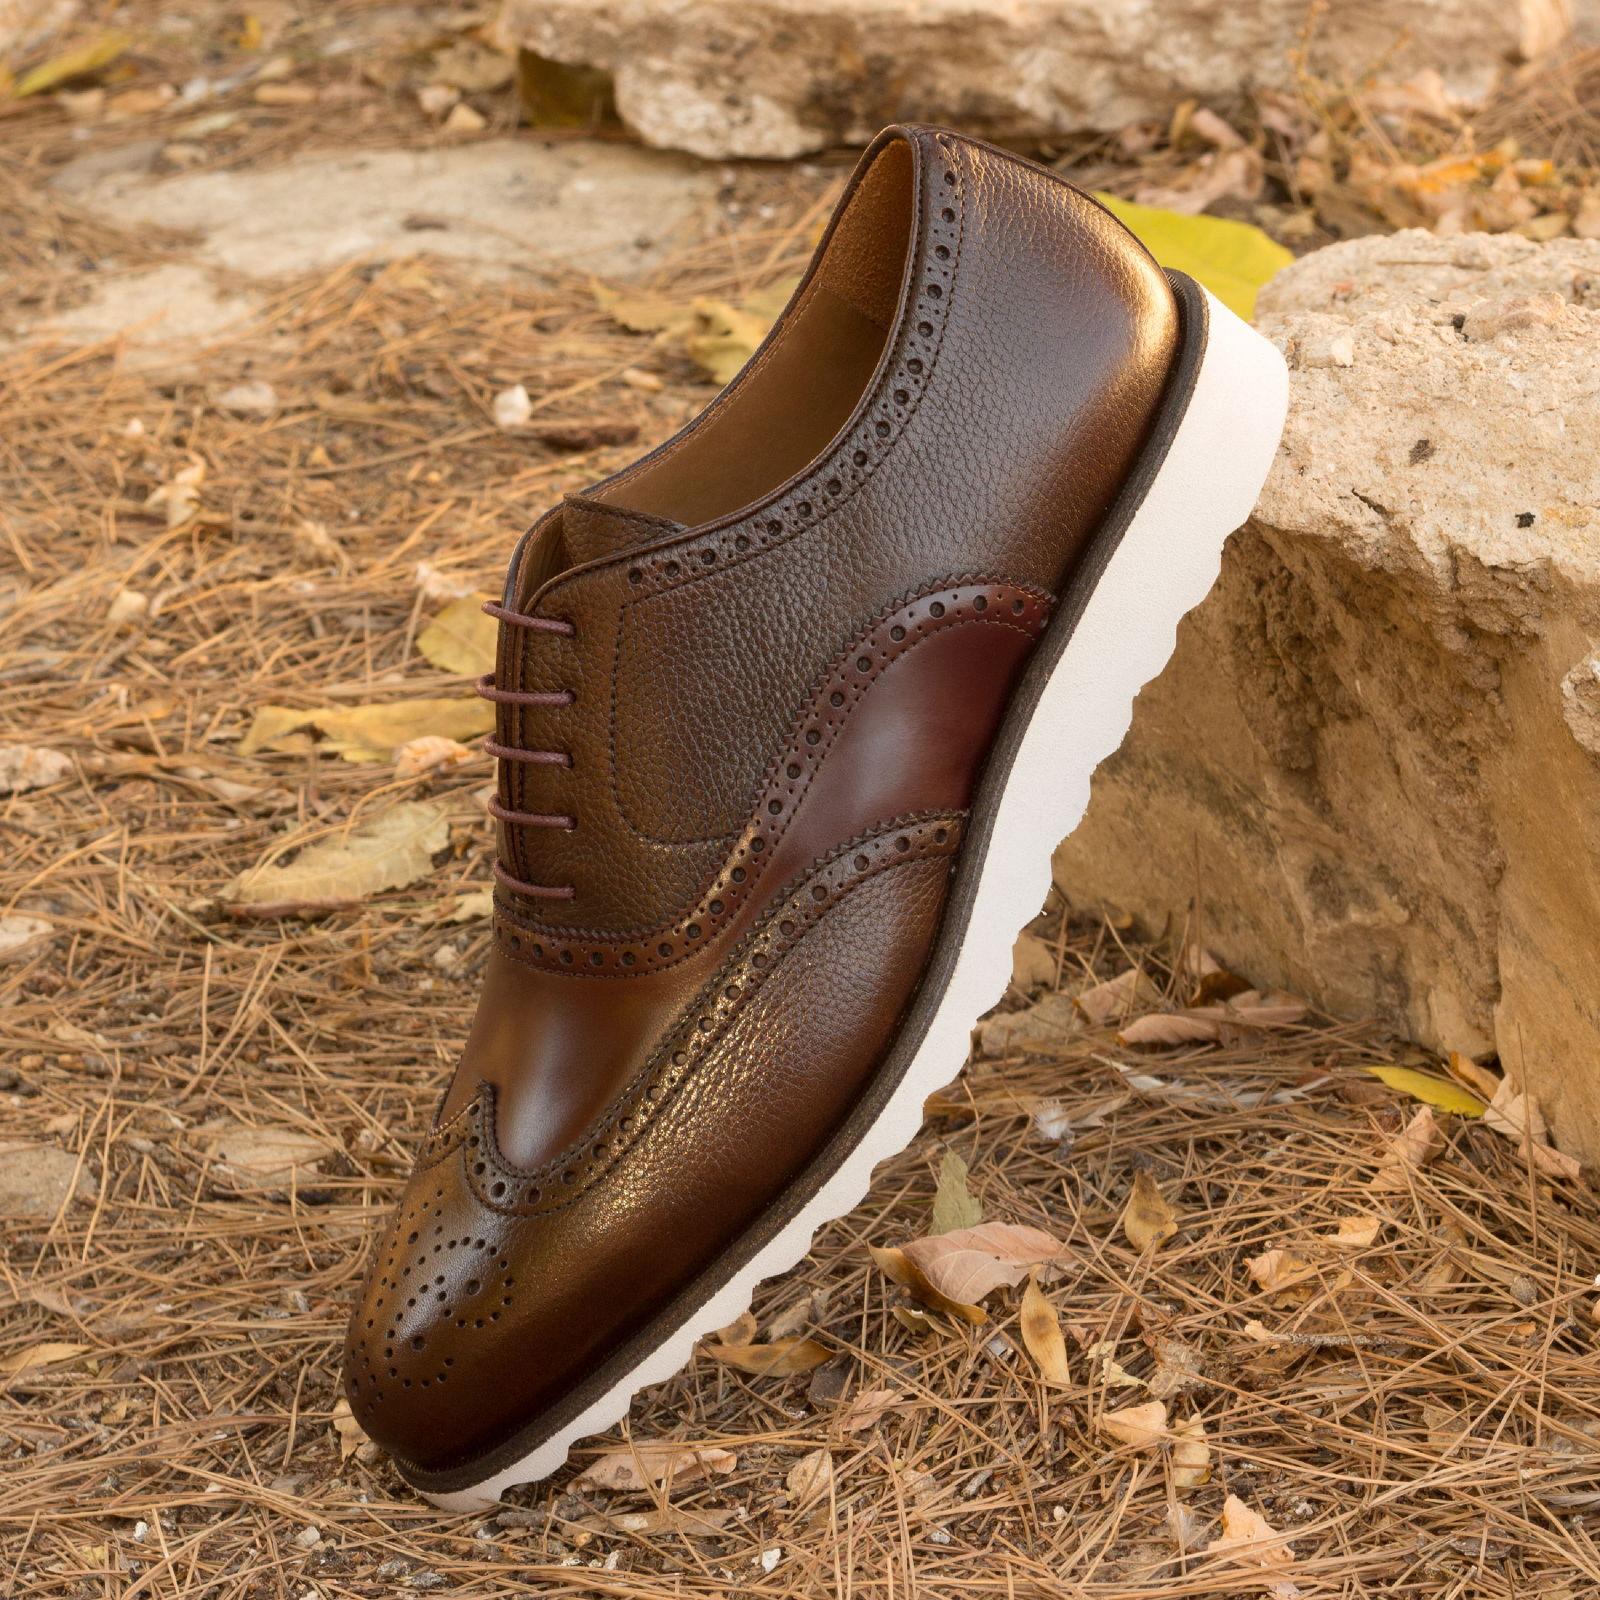 Comment faire disparaître les rides sur les chaussures sur vos chaussures en cuir ?